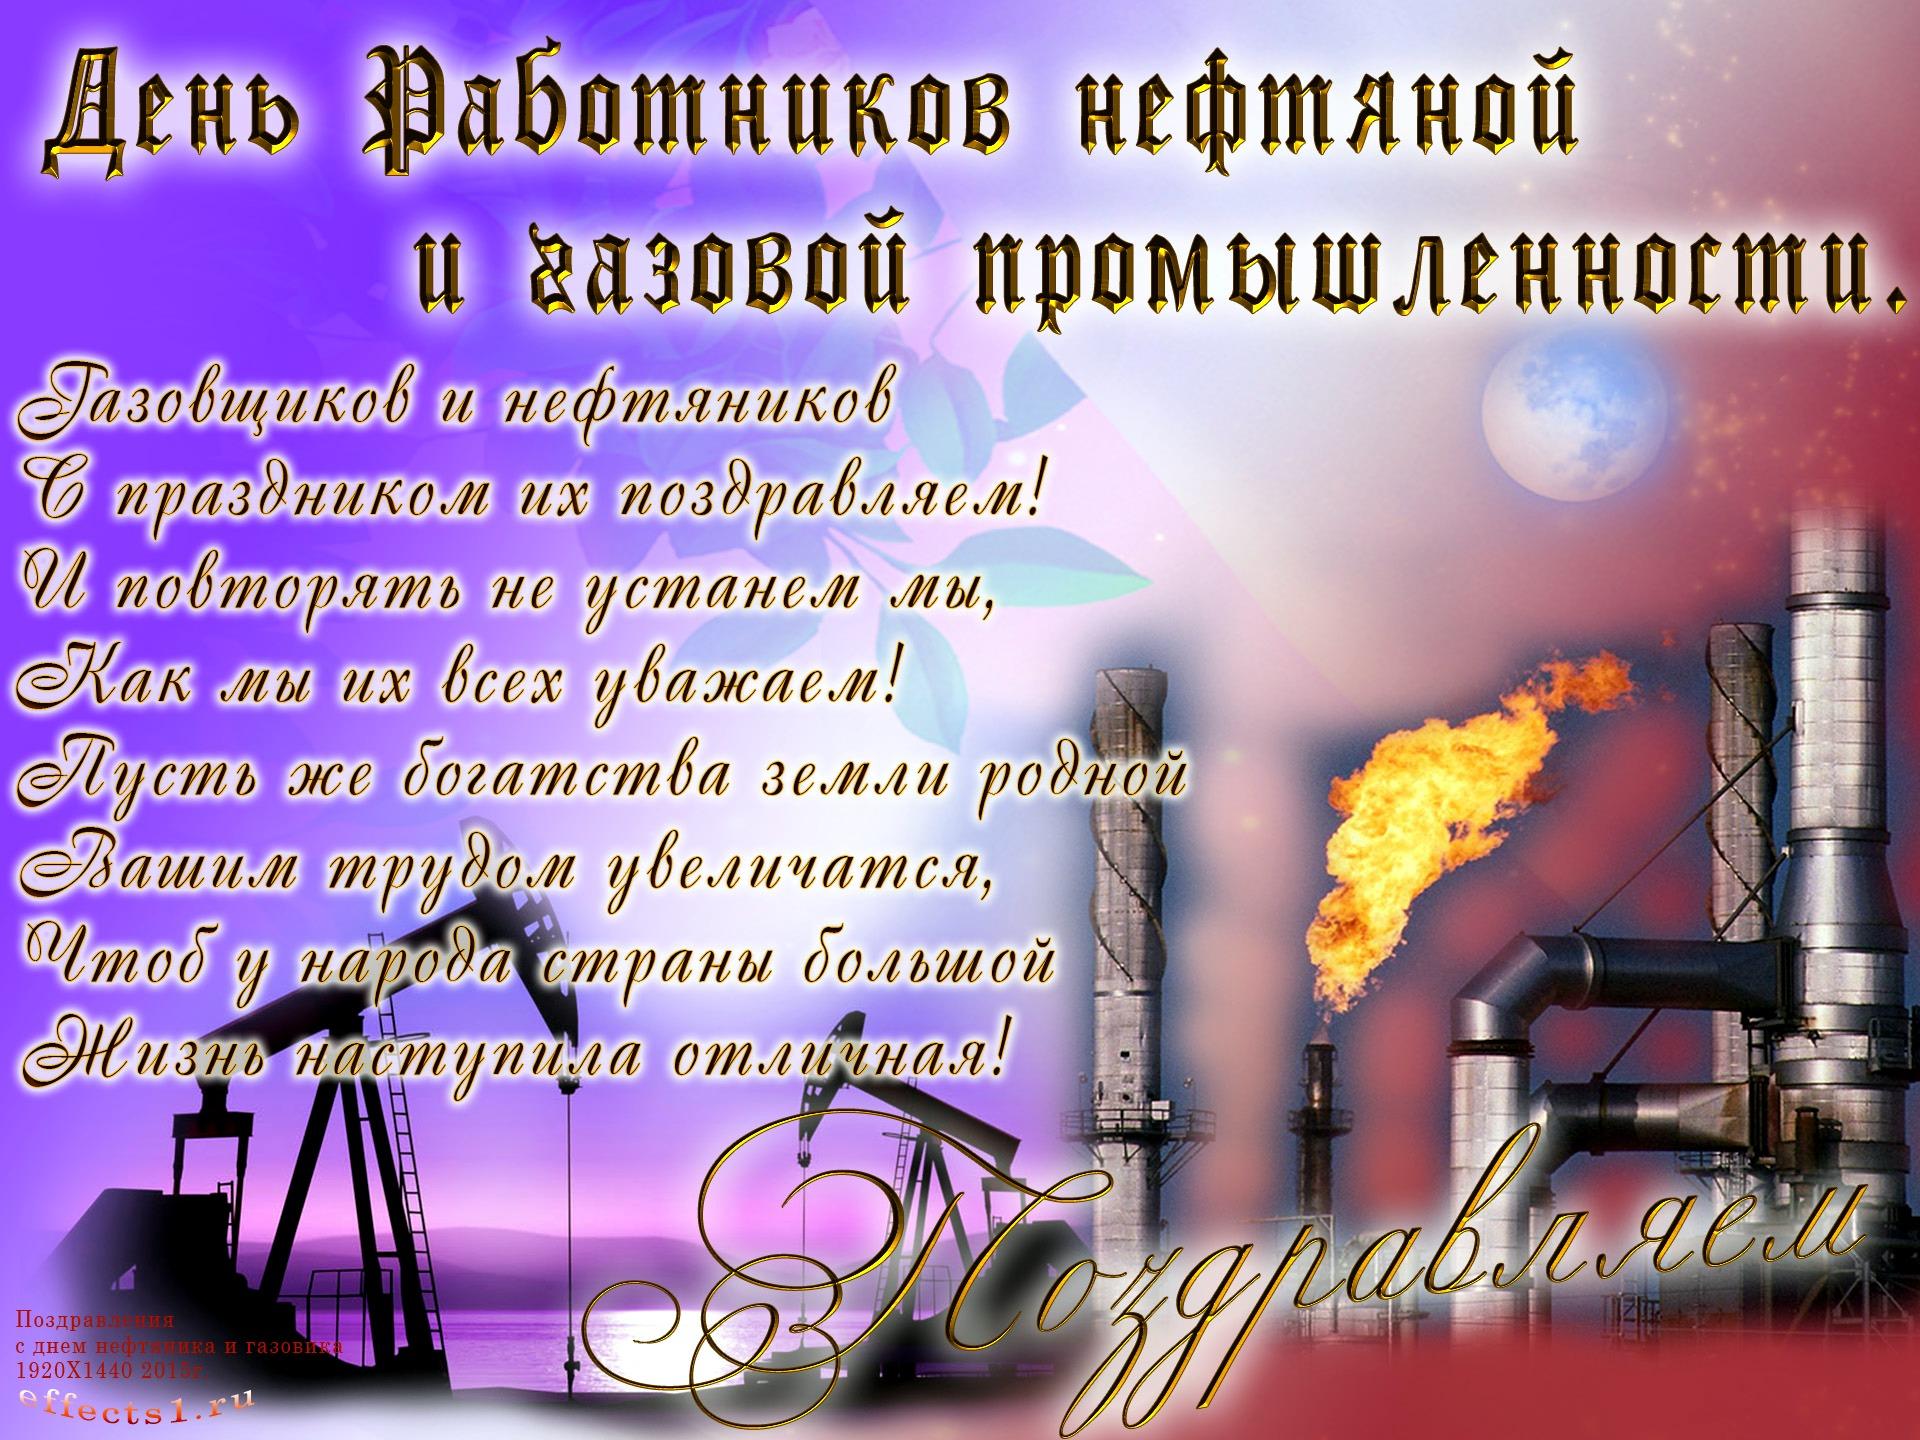 вас стих поздравления ко дню нефтяника особенностью